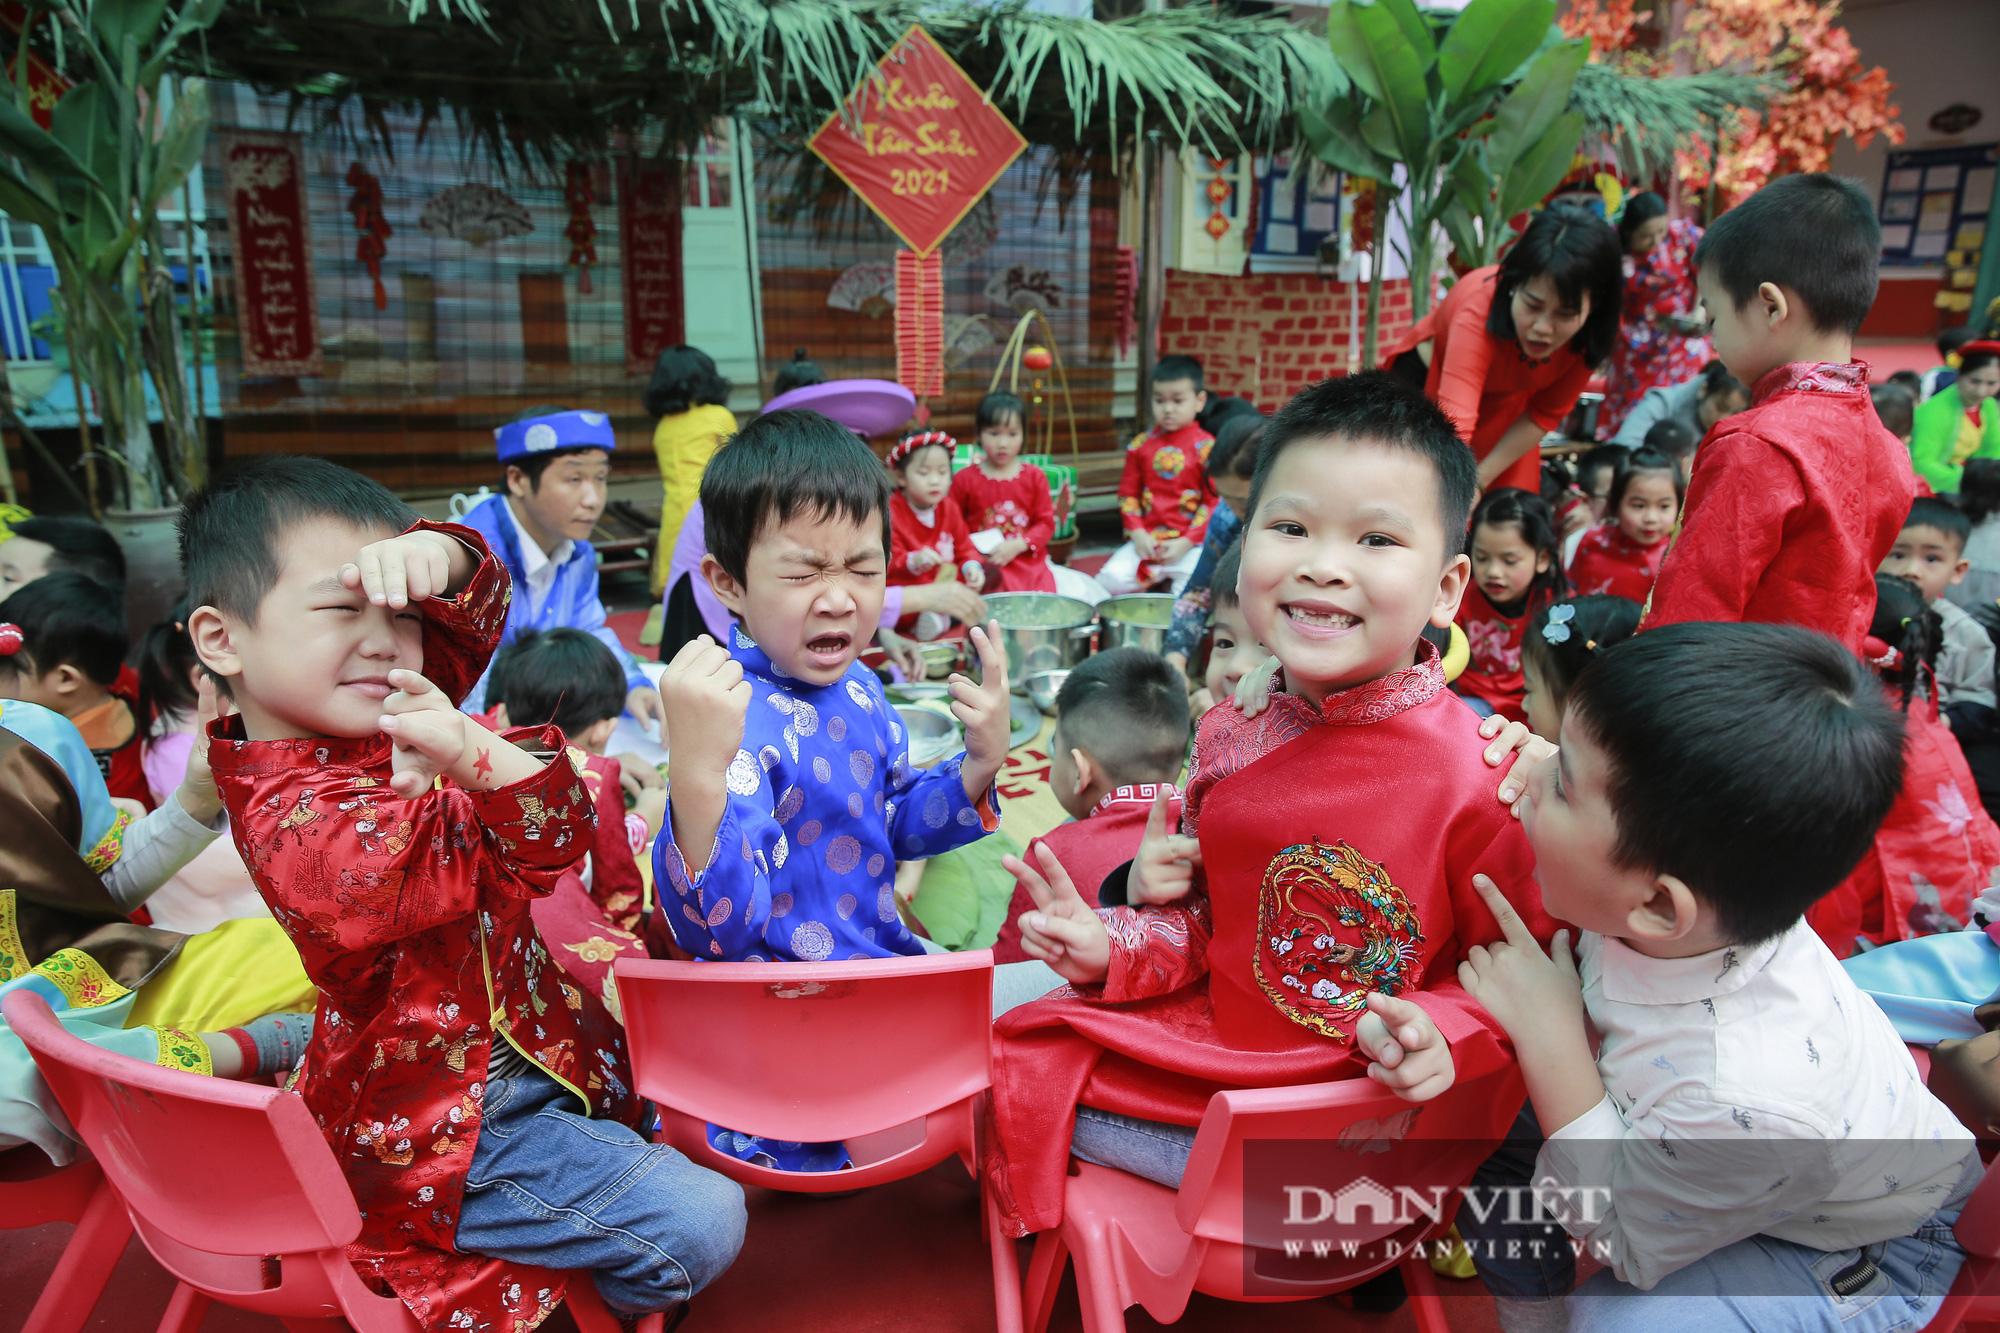 Trẻ em Hà Nội hào hứng khi lần đầu được gói bánh chưng cùng cha mẹ - Ảnh 9.